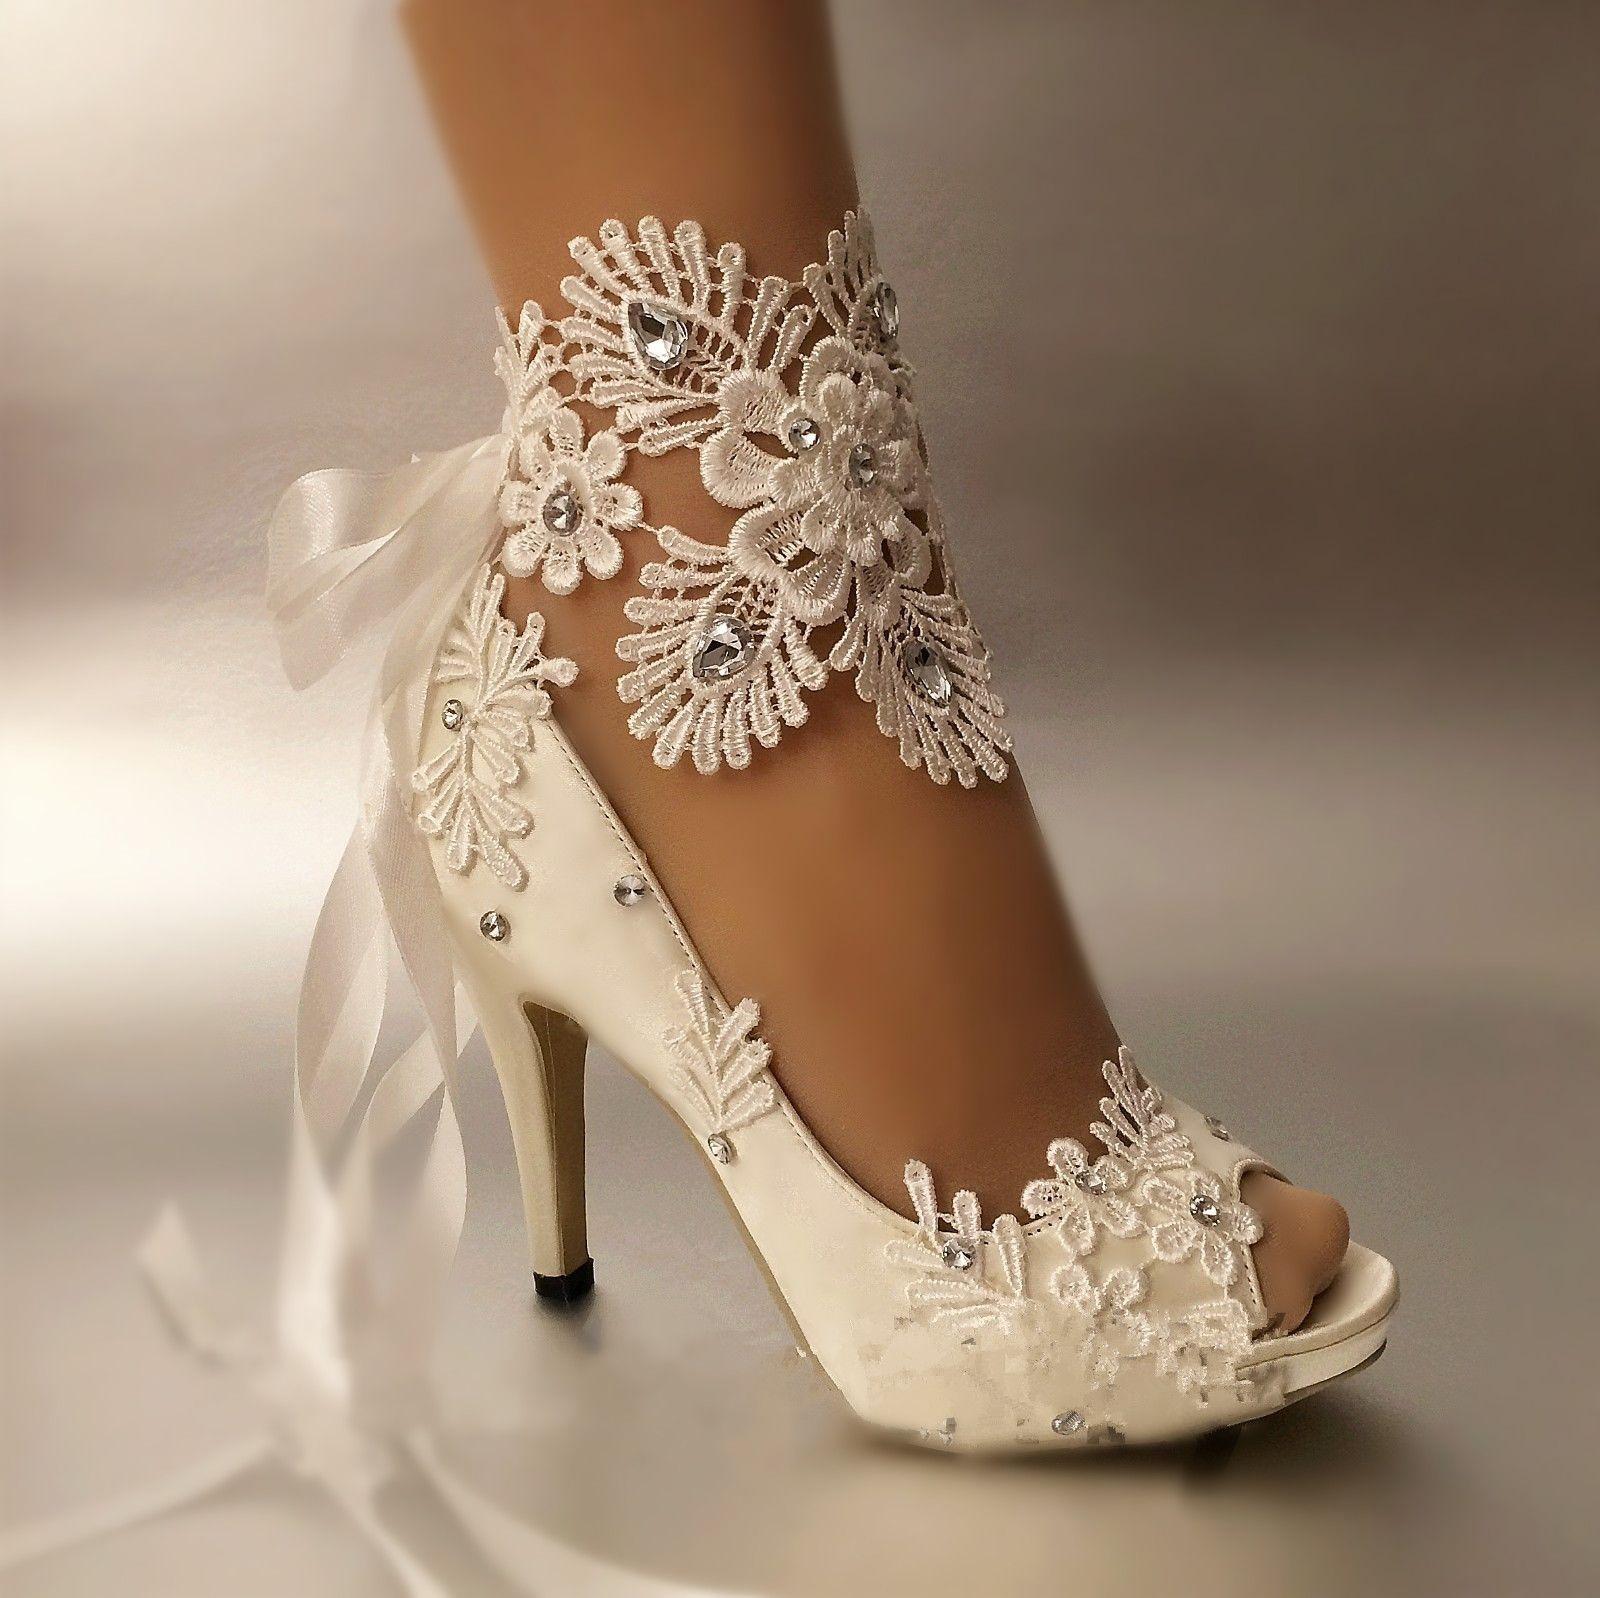 f7541b89e5d Barato Sapatas de vestido Das Mulheres Bombas sapatos de casamento do laço  do dedo do pé Aberto Peep Toe Riband Mancha Elegante Salto Alto tamanho  grande 41 ...